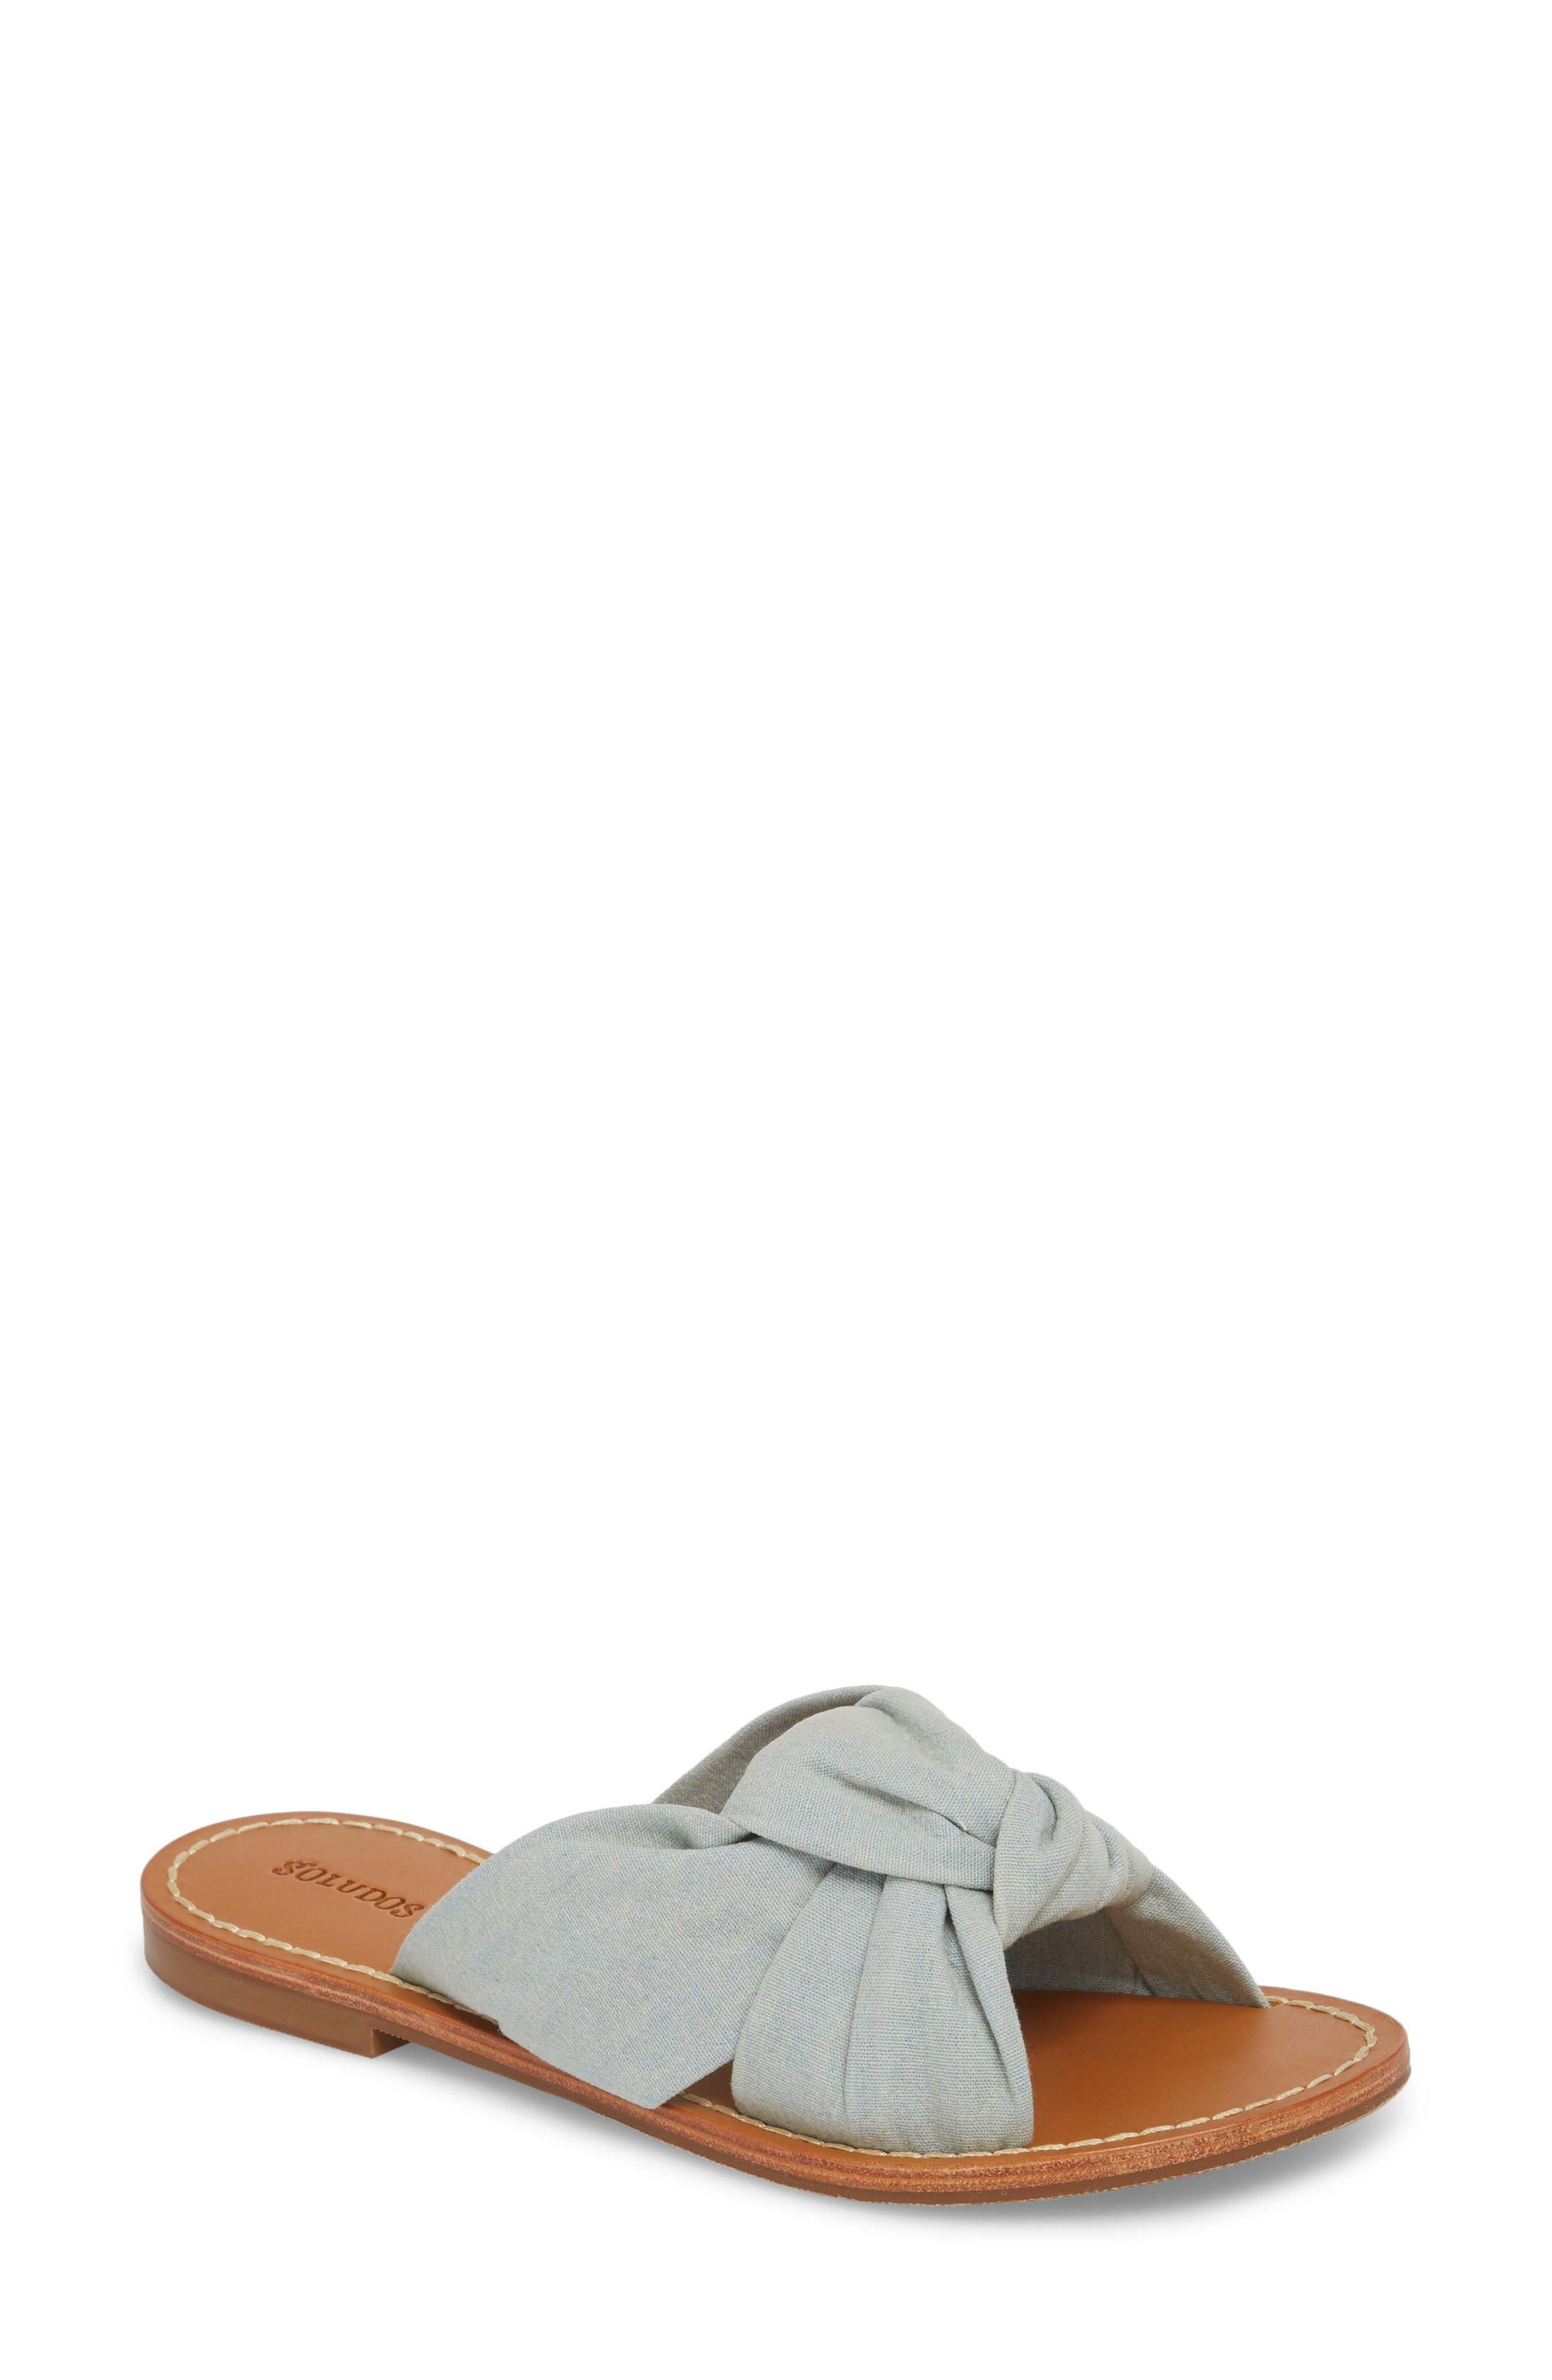 Knotted Slide Sandal,                         Main,                         color, 420